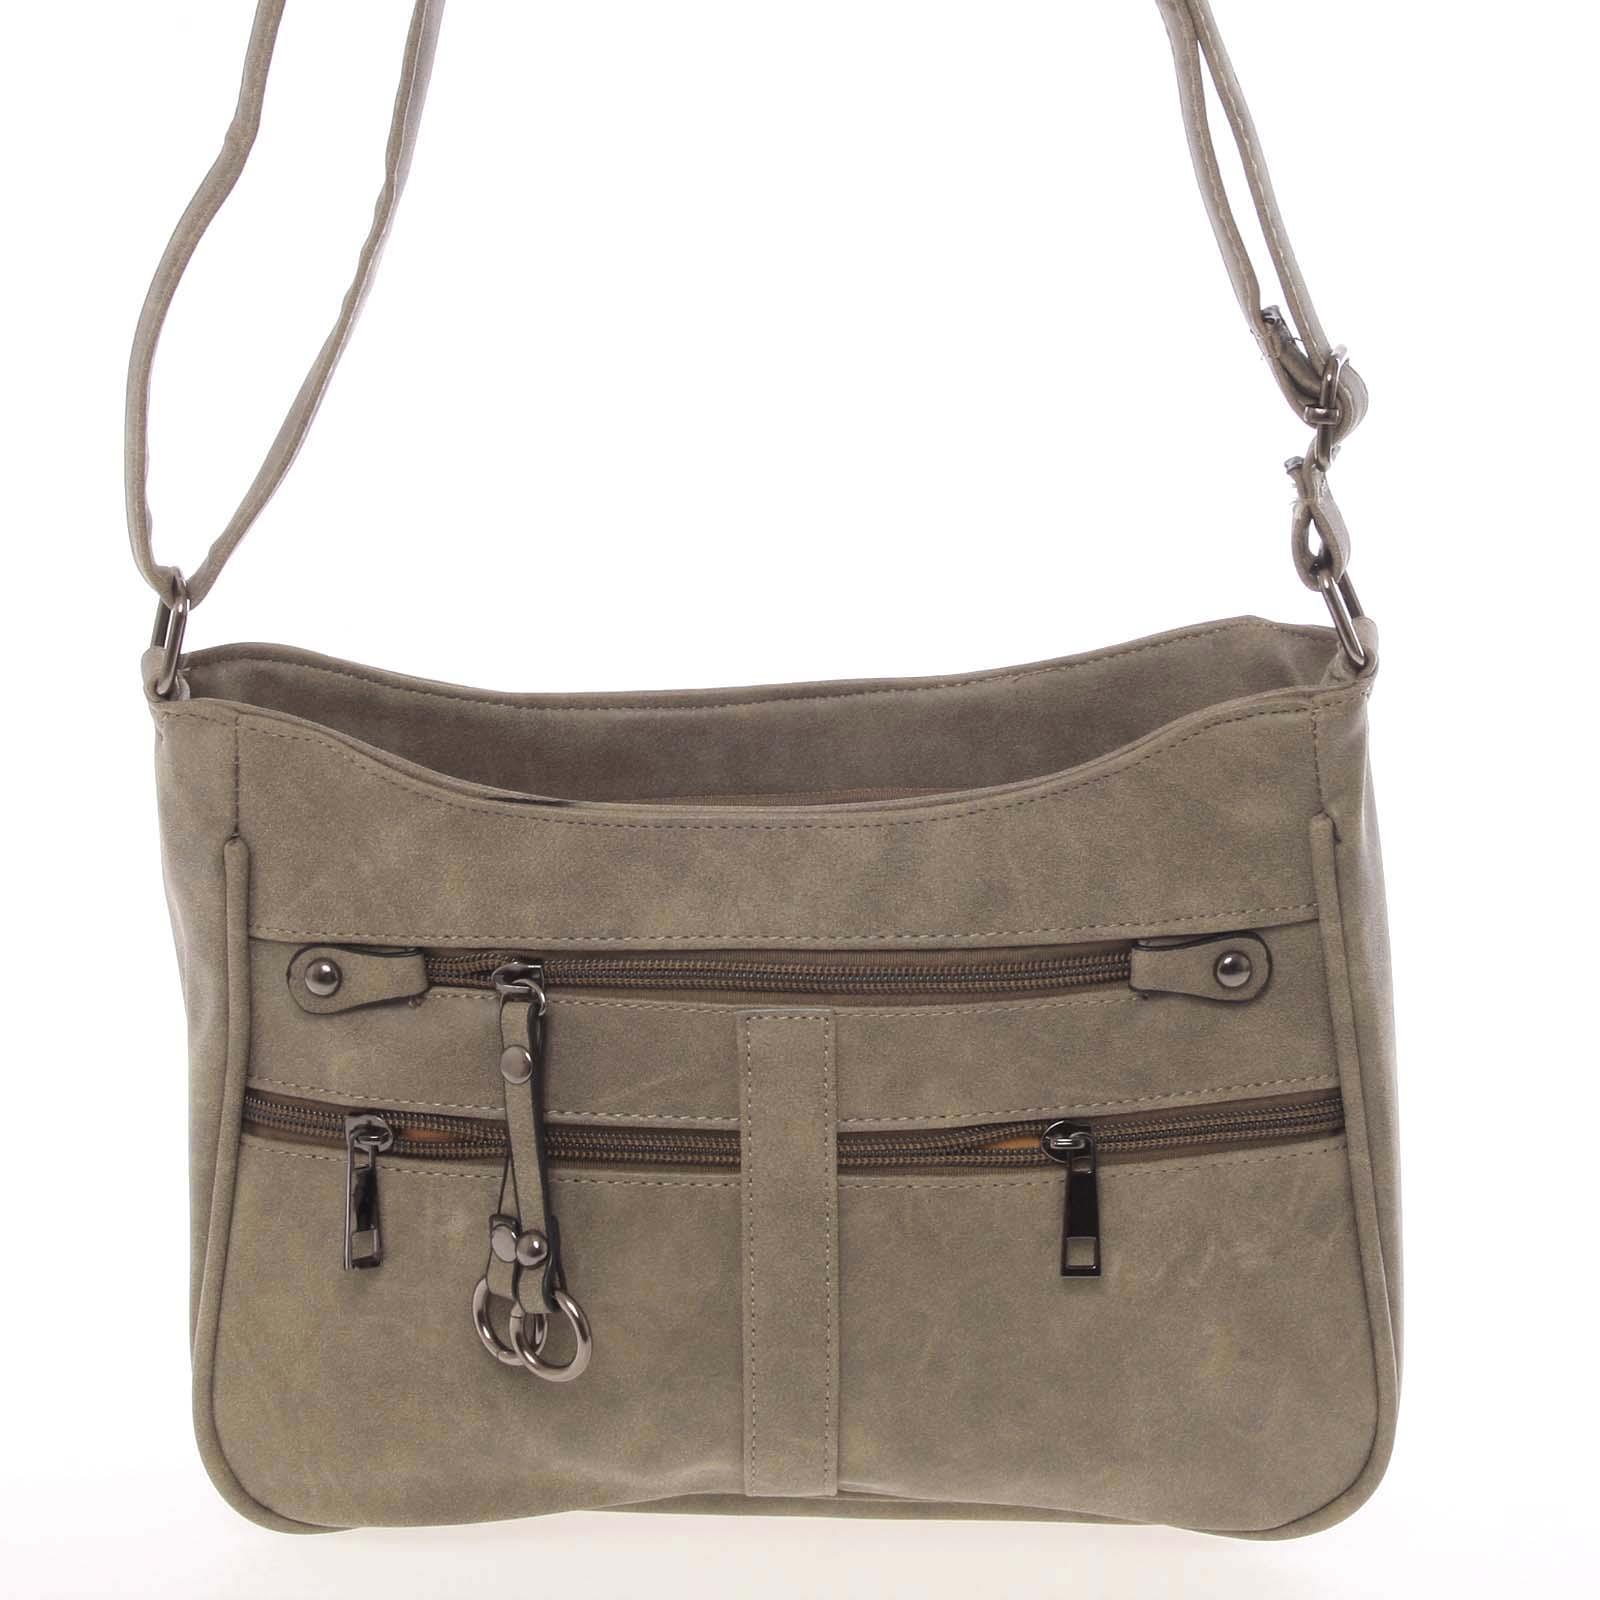 Dámska menšia crossbody olivová kabelka - Piace Molto Umbra